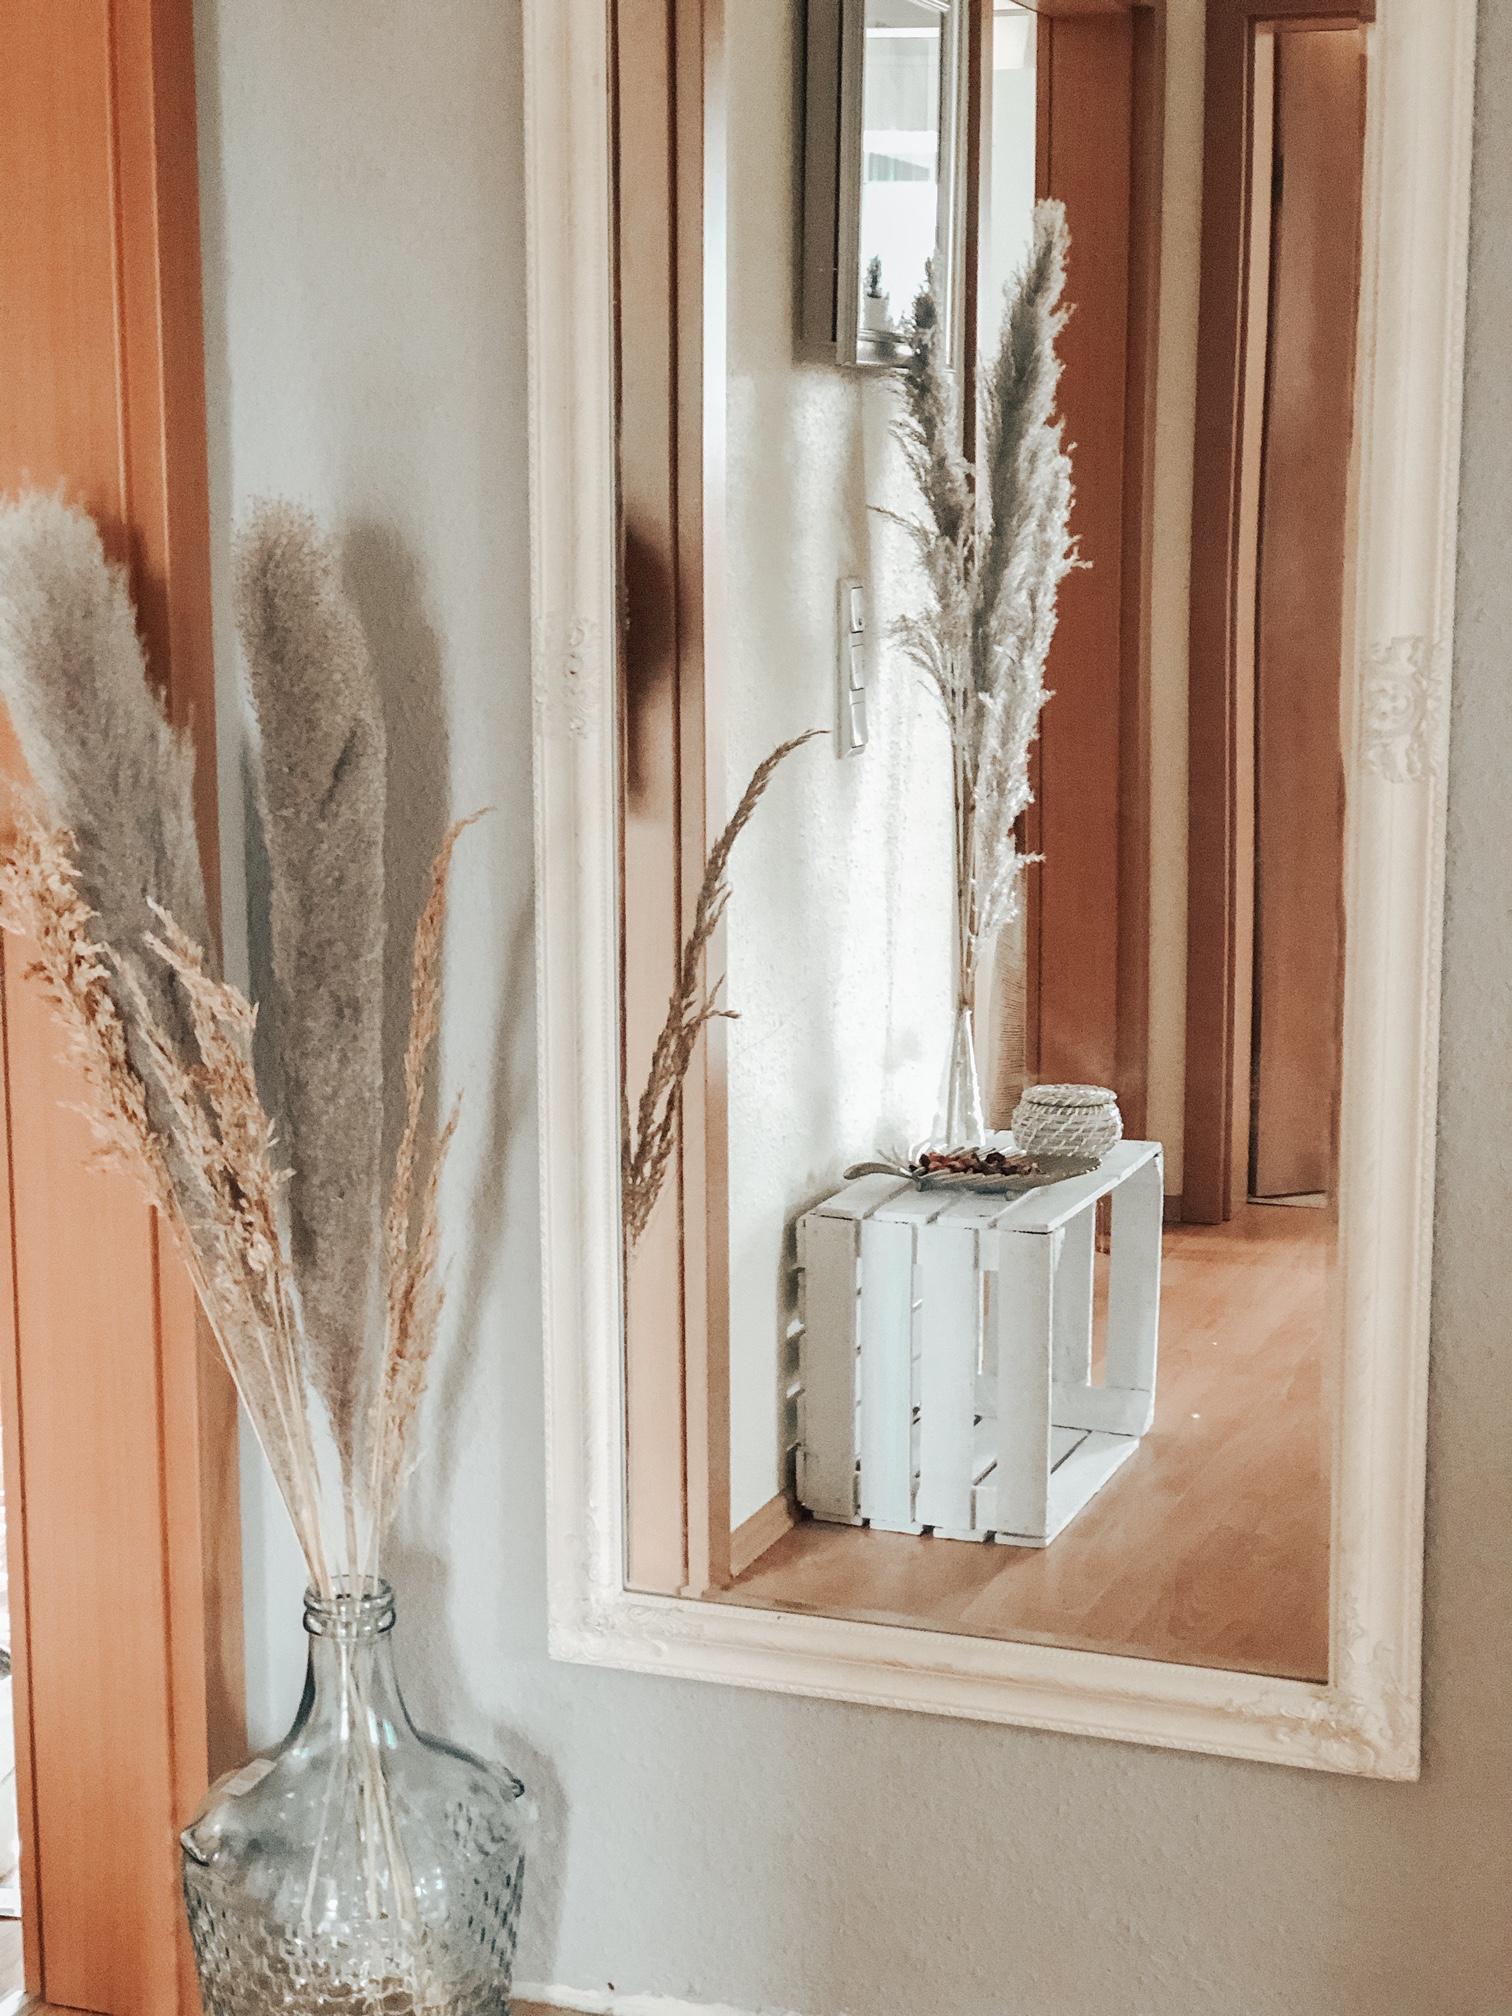 Pampasgras zur Deko - Sabrina liebt es, einzurichten und zu dekorieren. Mit Naturmaterialien gestaltet sie immer wieder neue Schätze für ihr Haus.